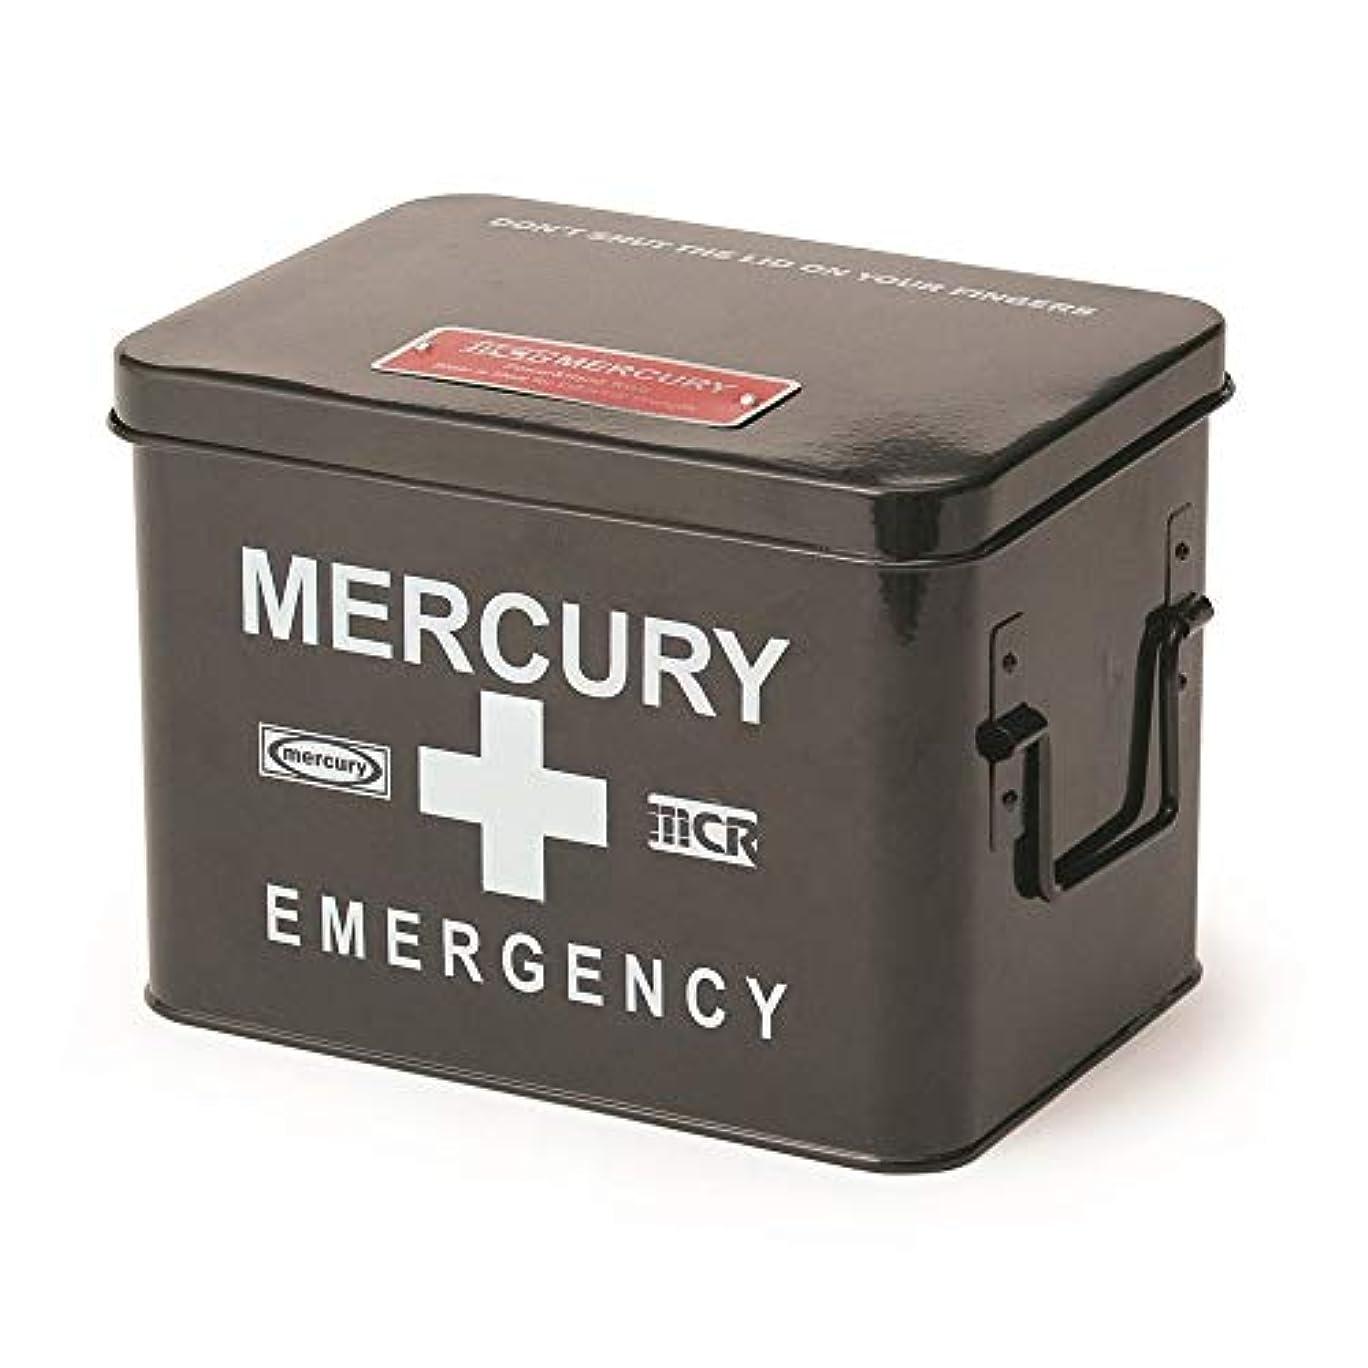 受け入れる居間逆にMERCURY マーキュリー 救急箱 エマージェンシーボックス 小物入れ 収納箱 BLACK ブラック